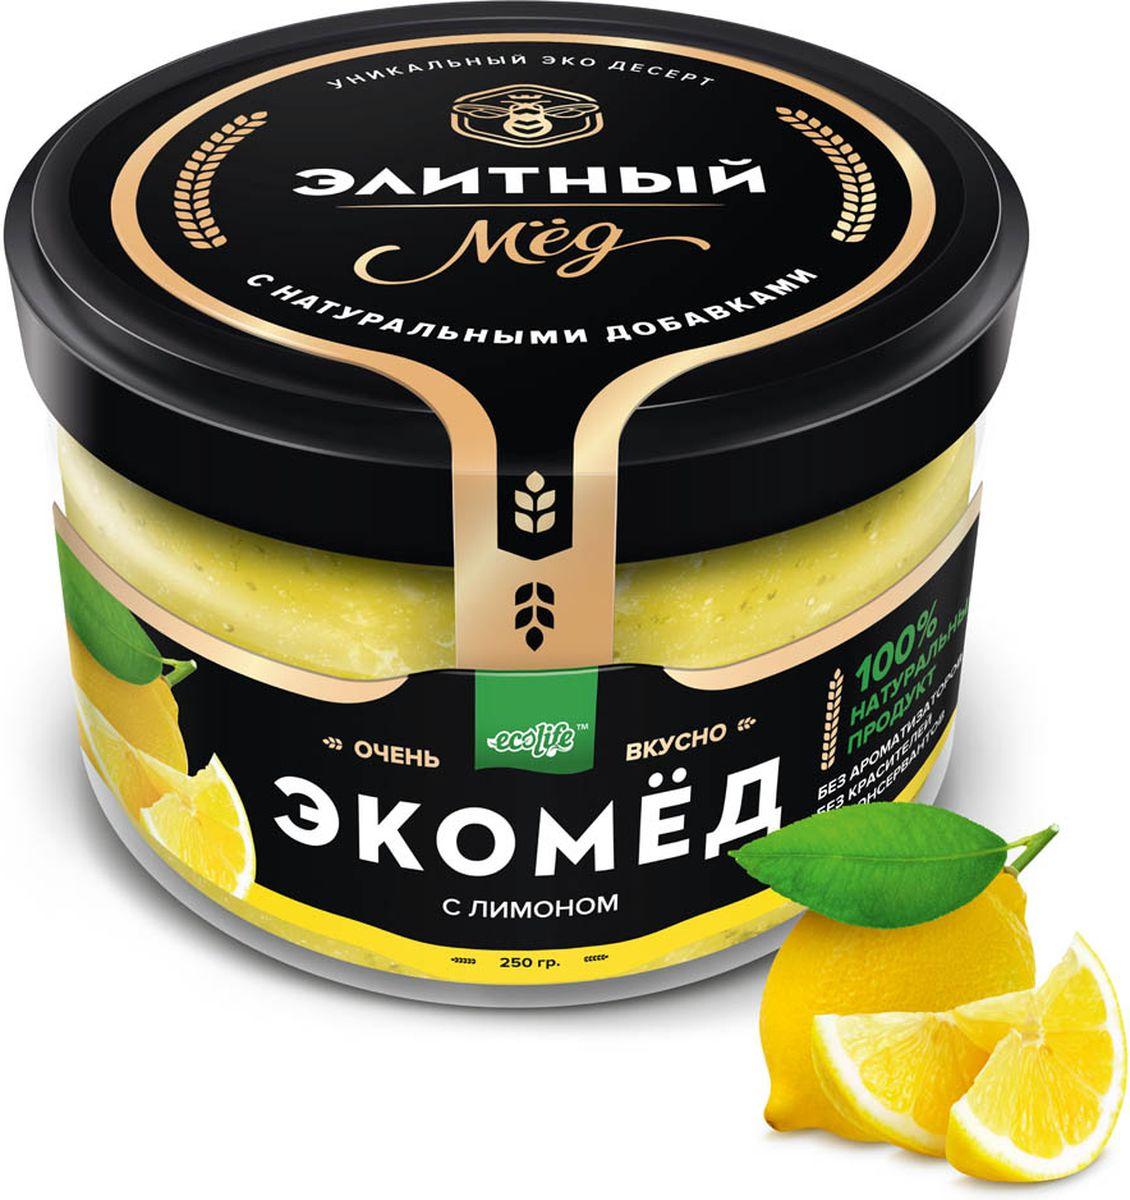 Ecolife Экомед с лимоном, 250 г0120710100% натуральный экопродукт, имеющий в составе только натуральные ингредиенты. При изготовлении не используется дешевый подсолнечный мёд. Мед не нагревается, сохраняются все его полезные свойства. Экомёд не имеет эффекта расслаивания.